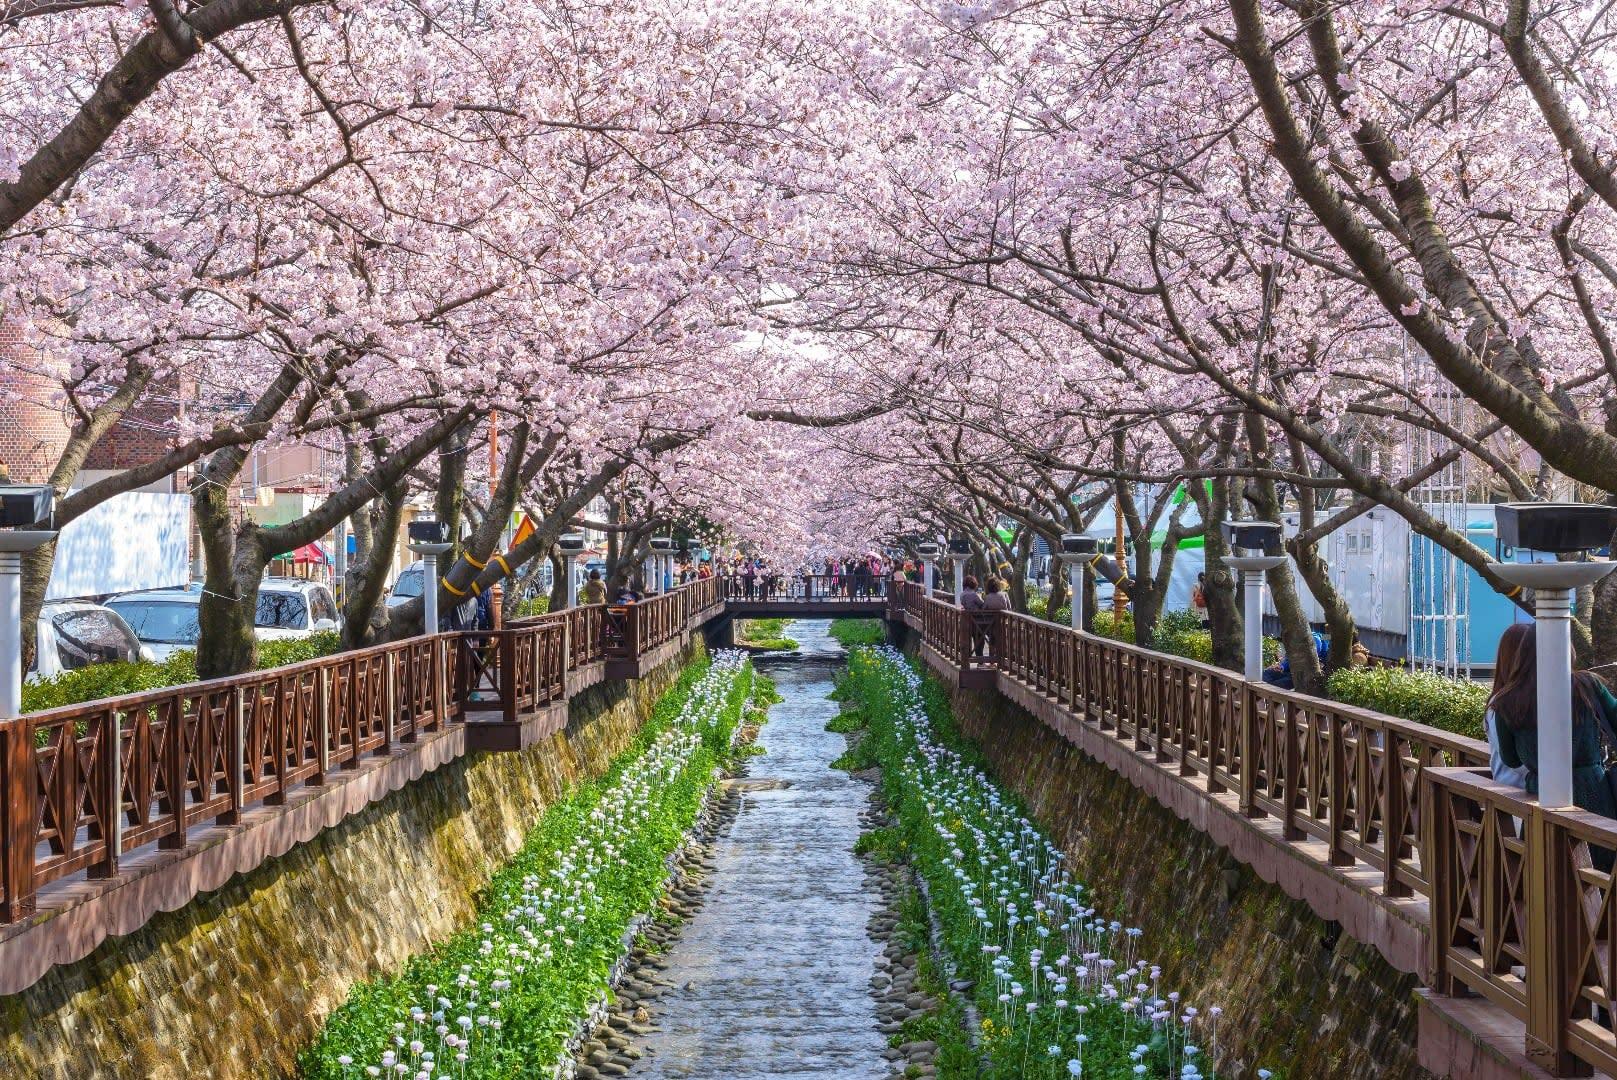 18 địa điểm ngắm hoa anh đào bạn không thể bỏ lỡ mùa xuân này 21